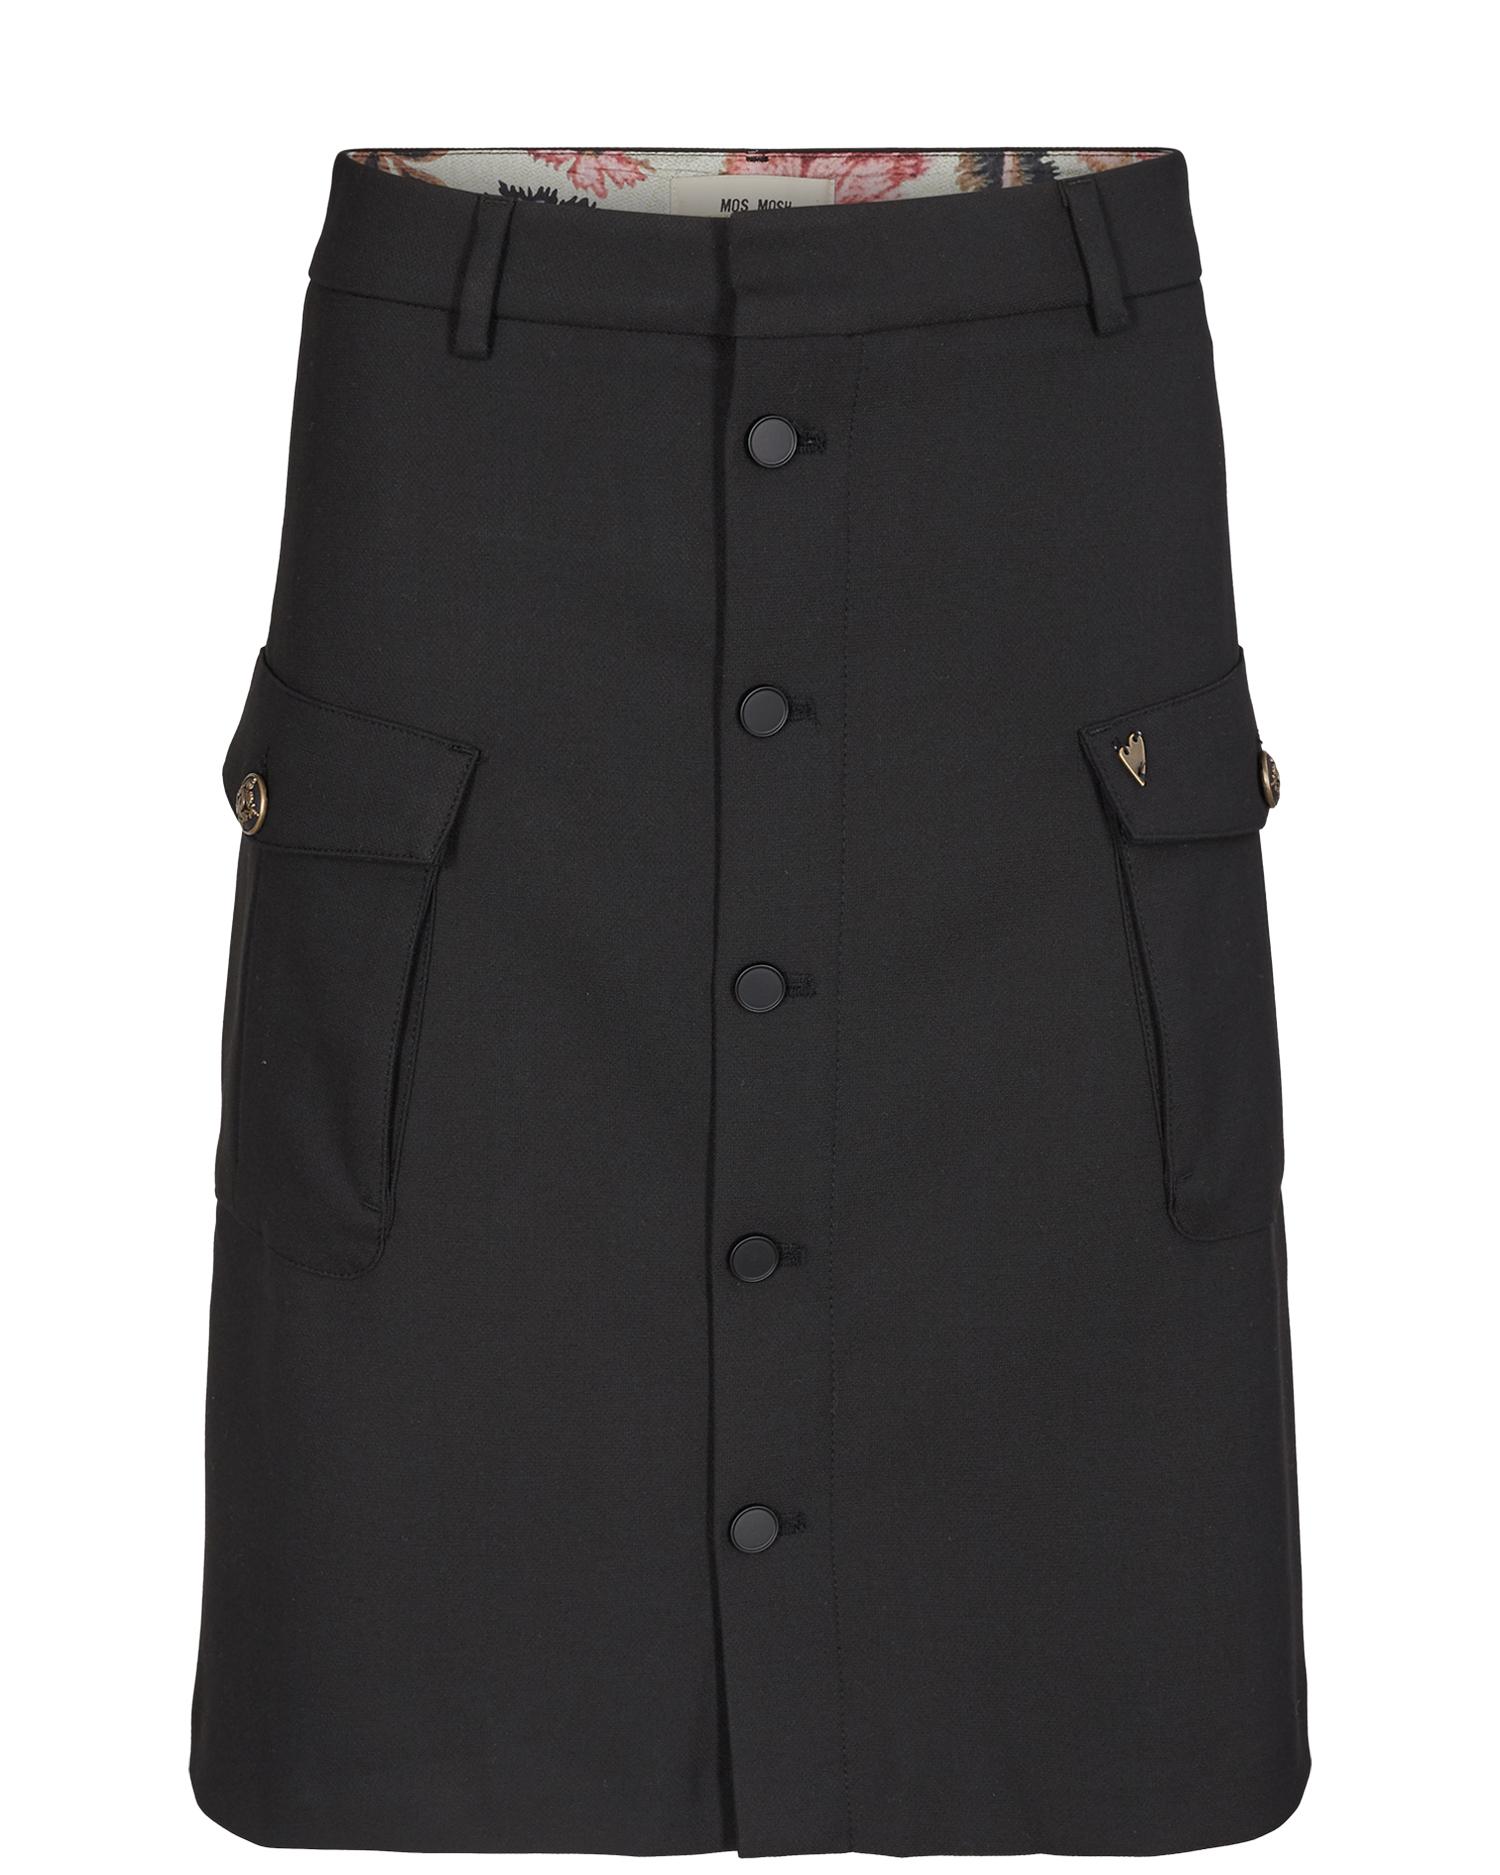 Zwarte dames rok tot de knie Mos Mosh - 128643-801